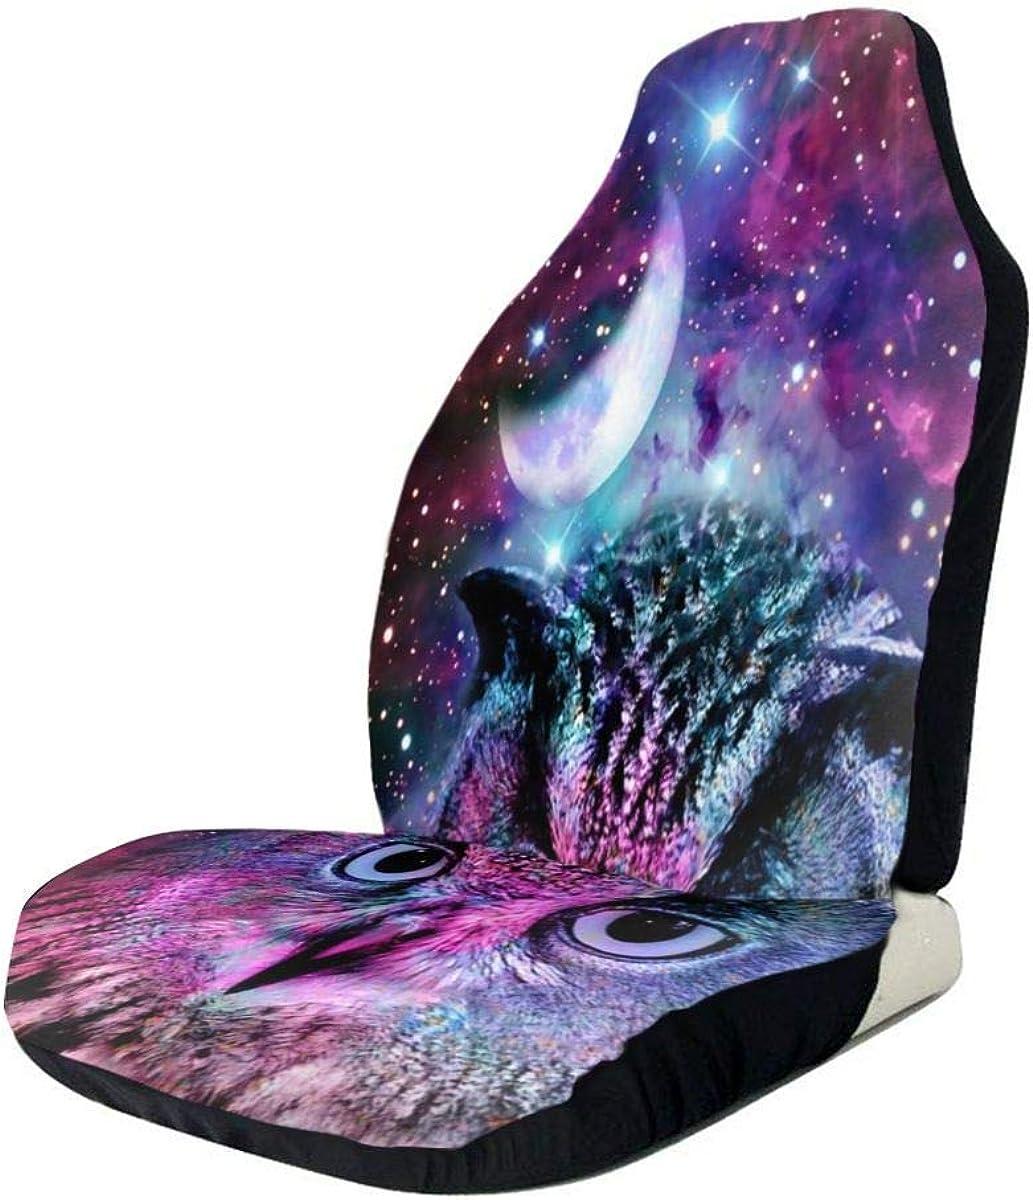 Cuscino di protezione per seggiolino auto Owl Moon Galaxy ...